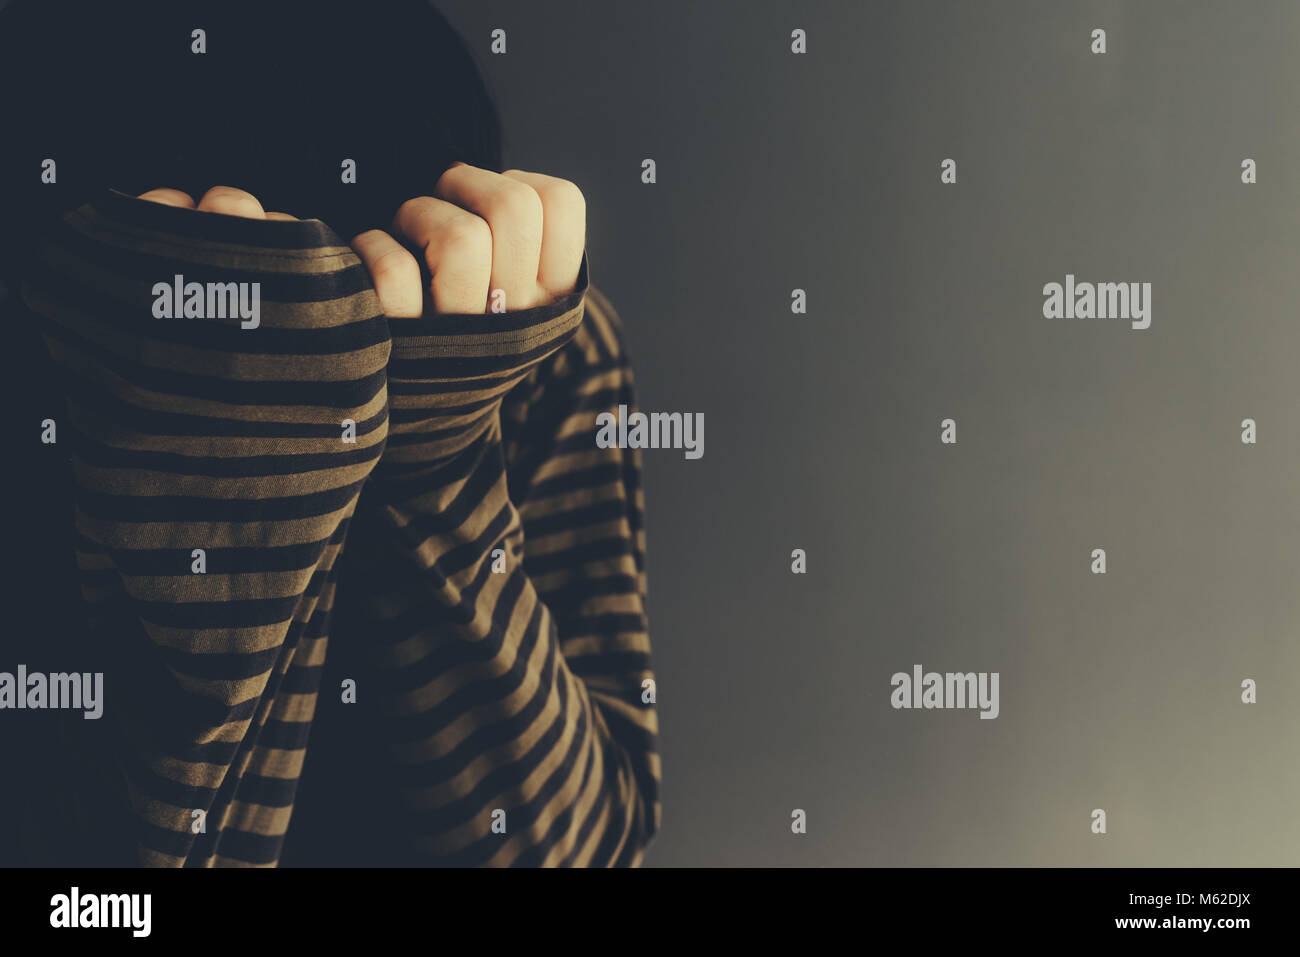 Verzweifelten Mann alleine Schreien, Low Key Porträt mit selektiven Fokus Stockbild